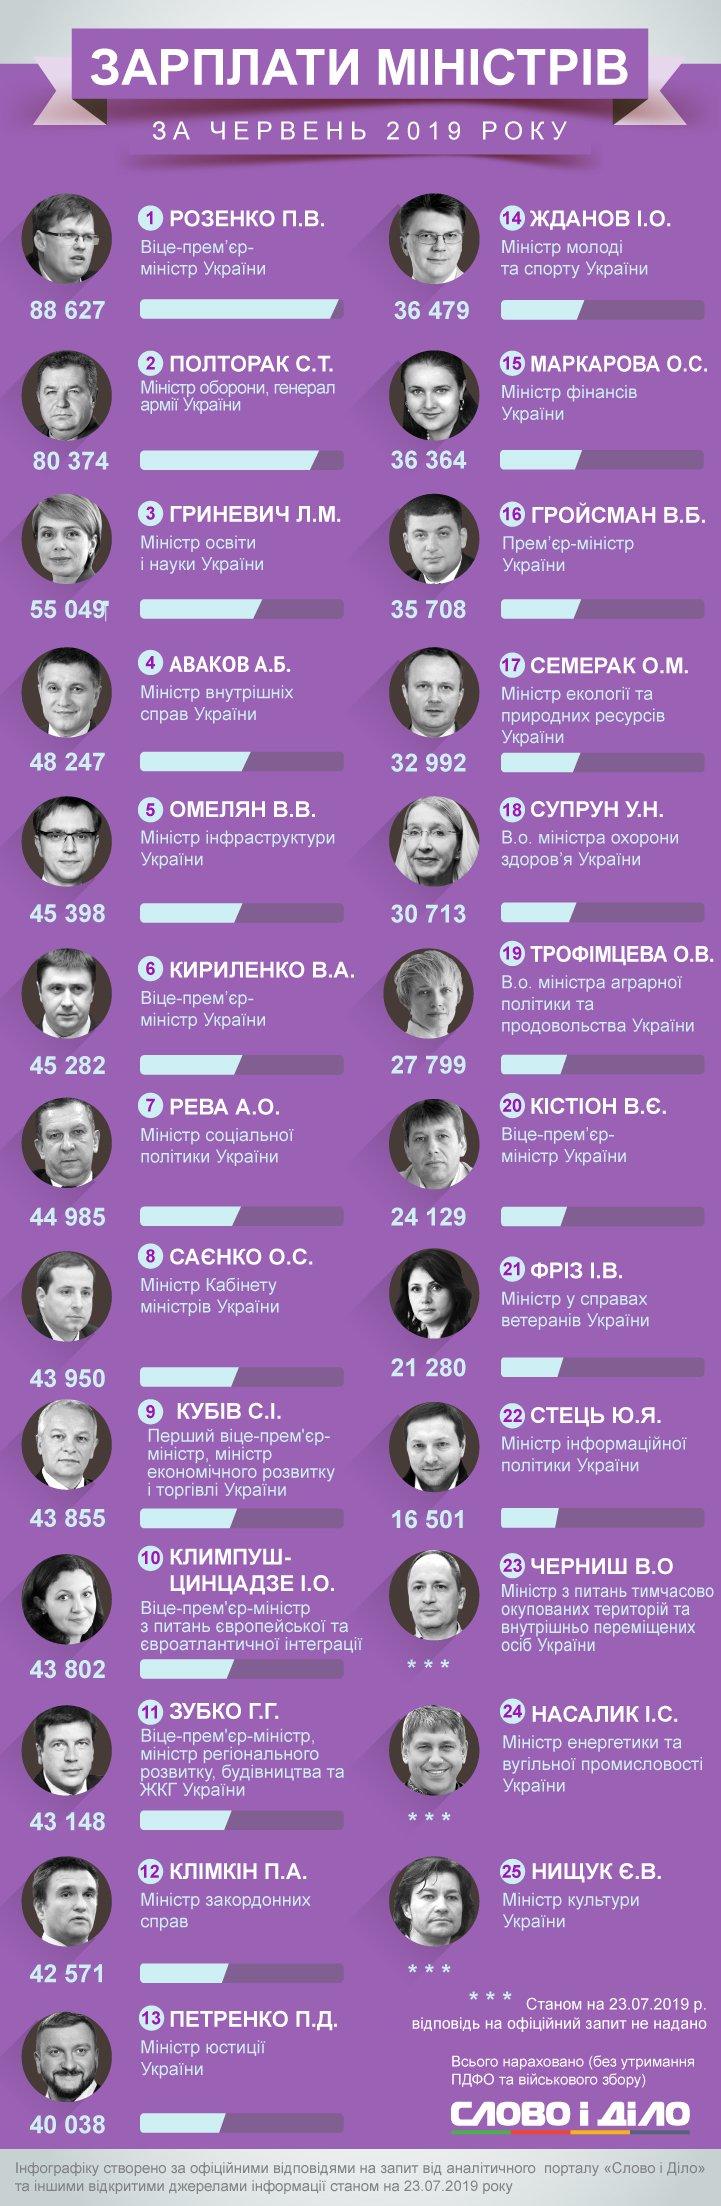 У червні зарплату, більшу за 40 тисяч гривень, отримали 12 міністрів, а деякі члени уряду заробили понад 100 тисяч гривень.